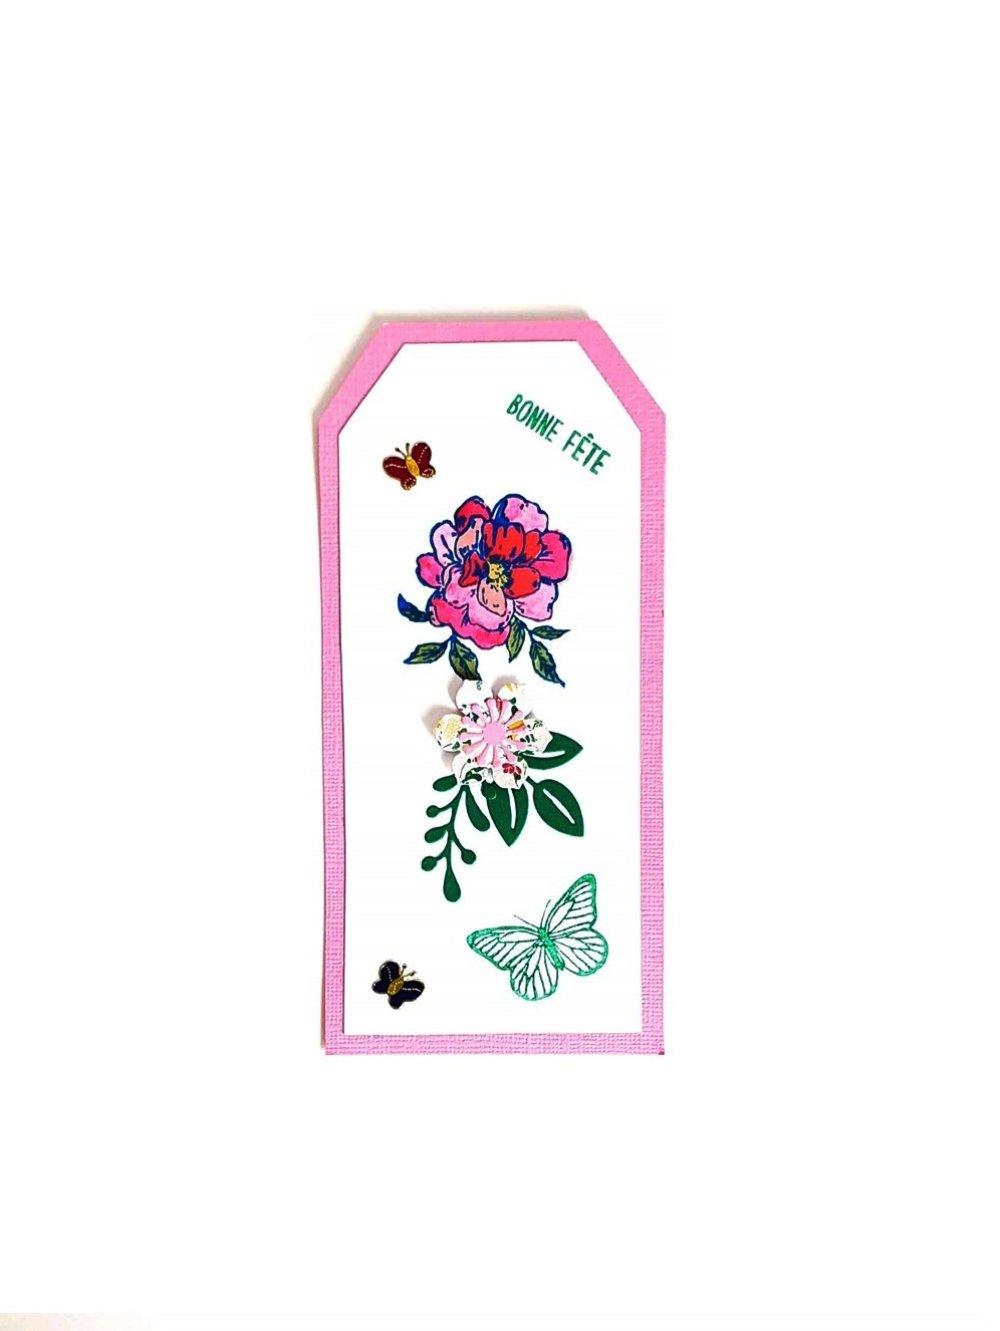 Tag Fête des Mère - carte scrapbboking sur papier de qualité rose et écru avec des motifs de fleurs et feuillage